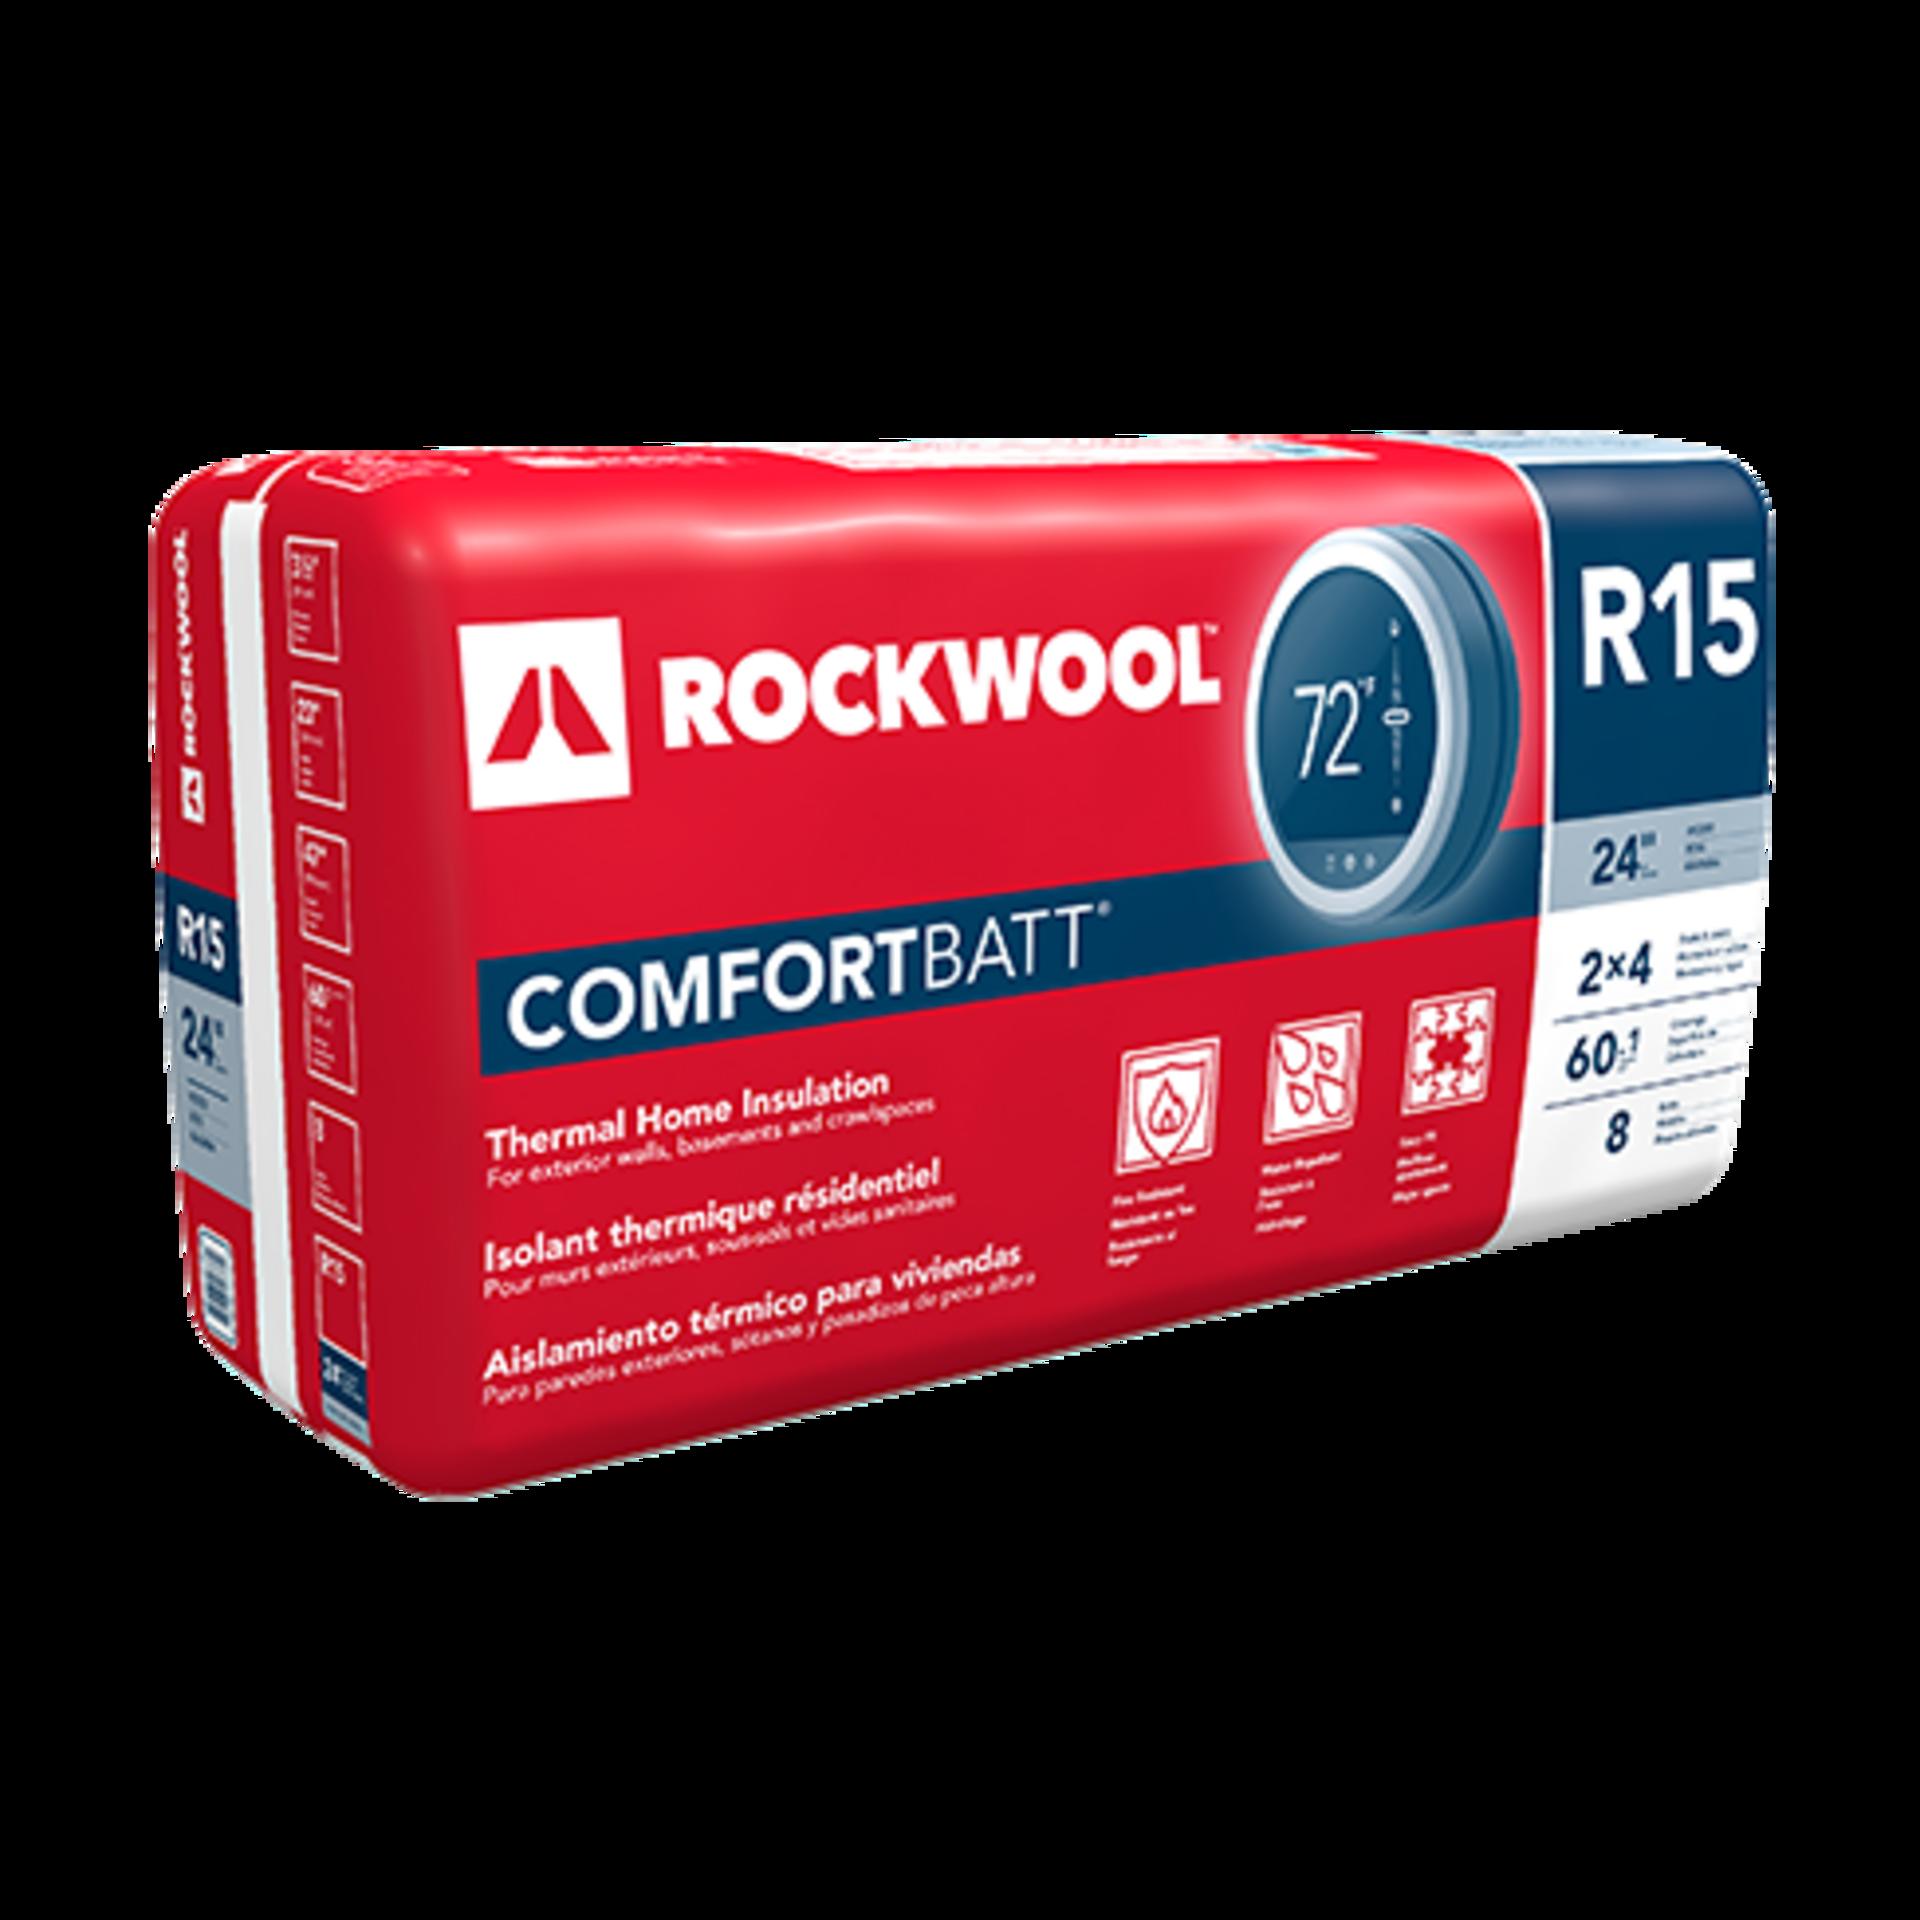 Rockwool Comfortbatt Semi Rigid Batt Insulation For Wood And Steel Framing